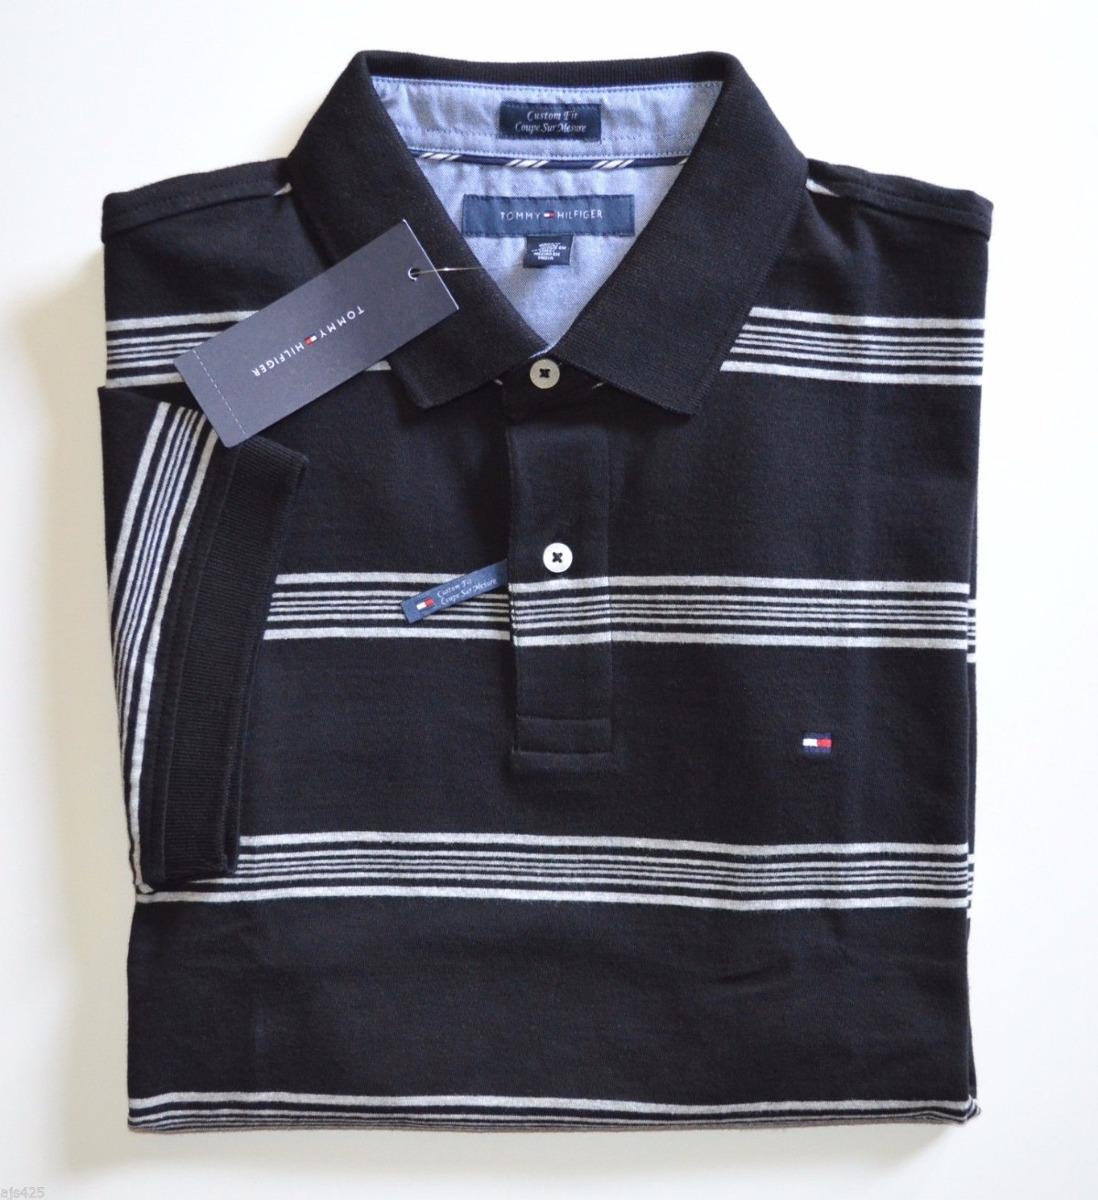 camisa polo tommy hilfiger tamanho p   s modelos custom fit. Carregando zoom . a099d6b677df4